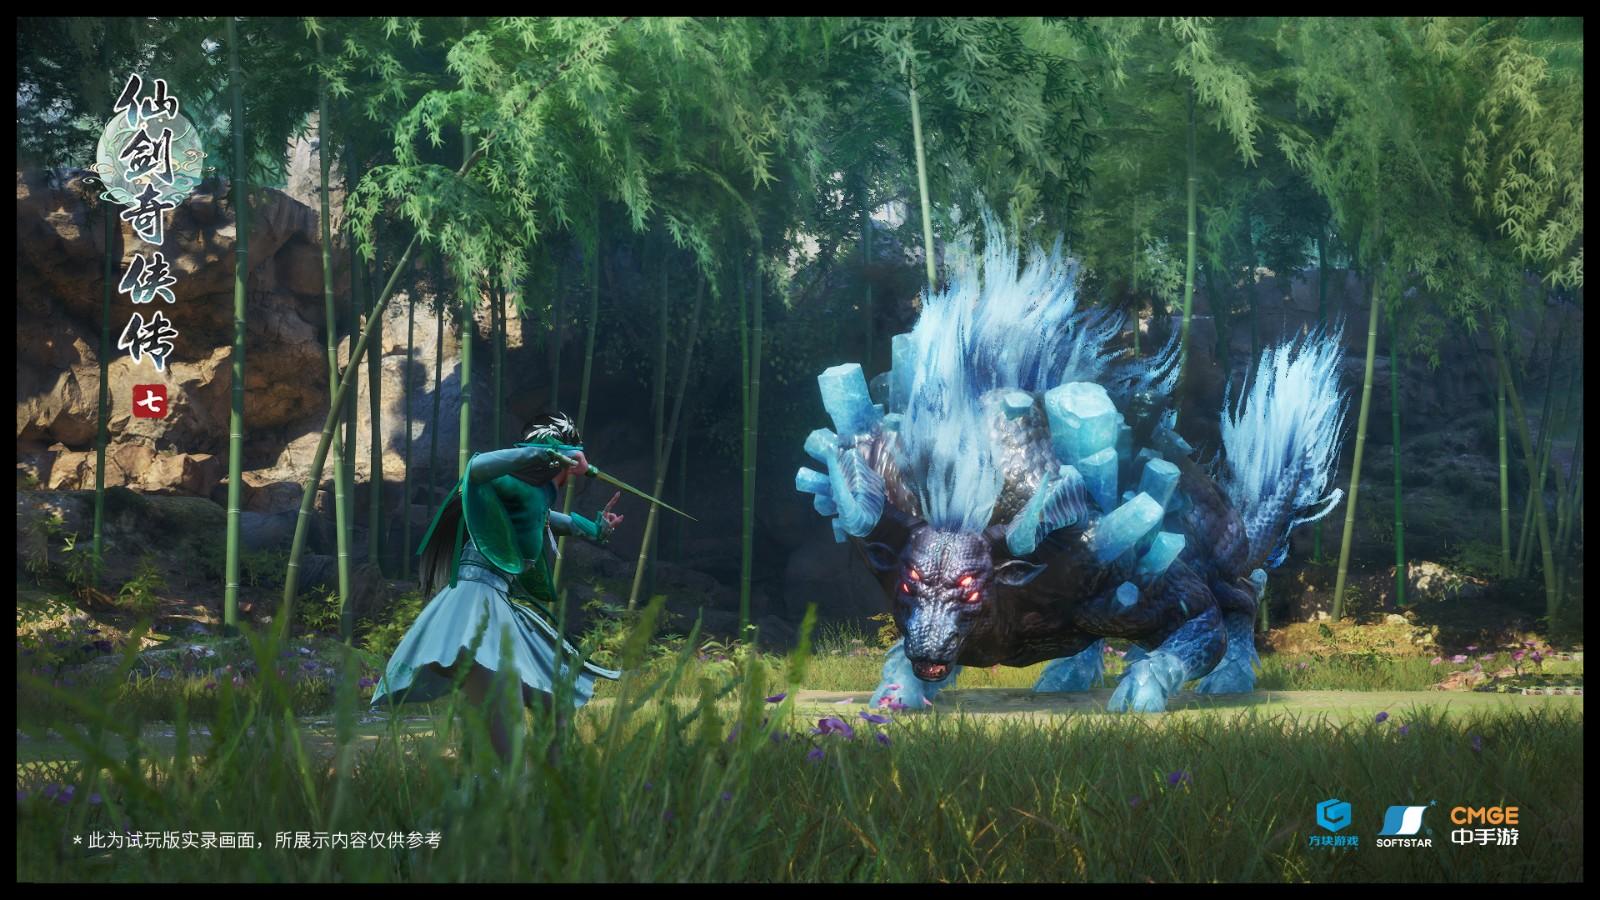 《仙剑奇侠传7 试玩版》现已在方块游戏开放免费领取